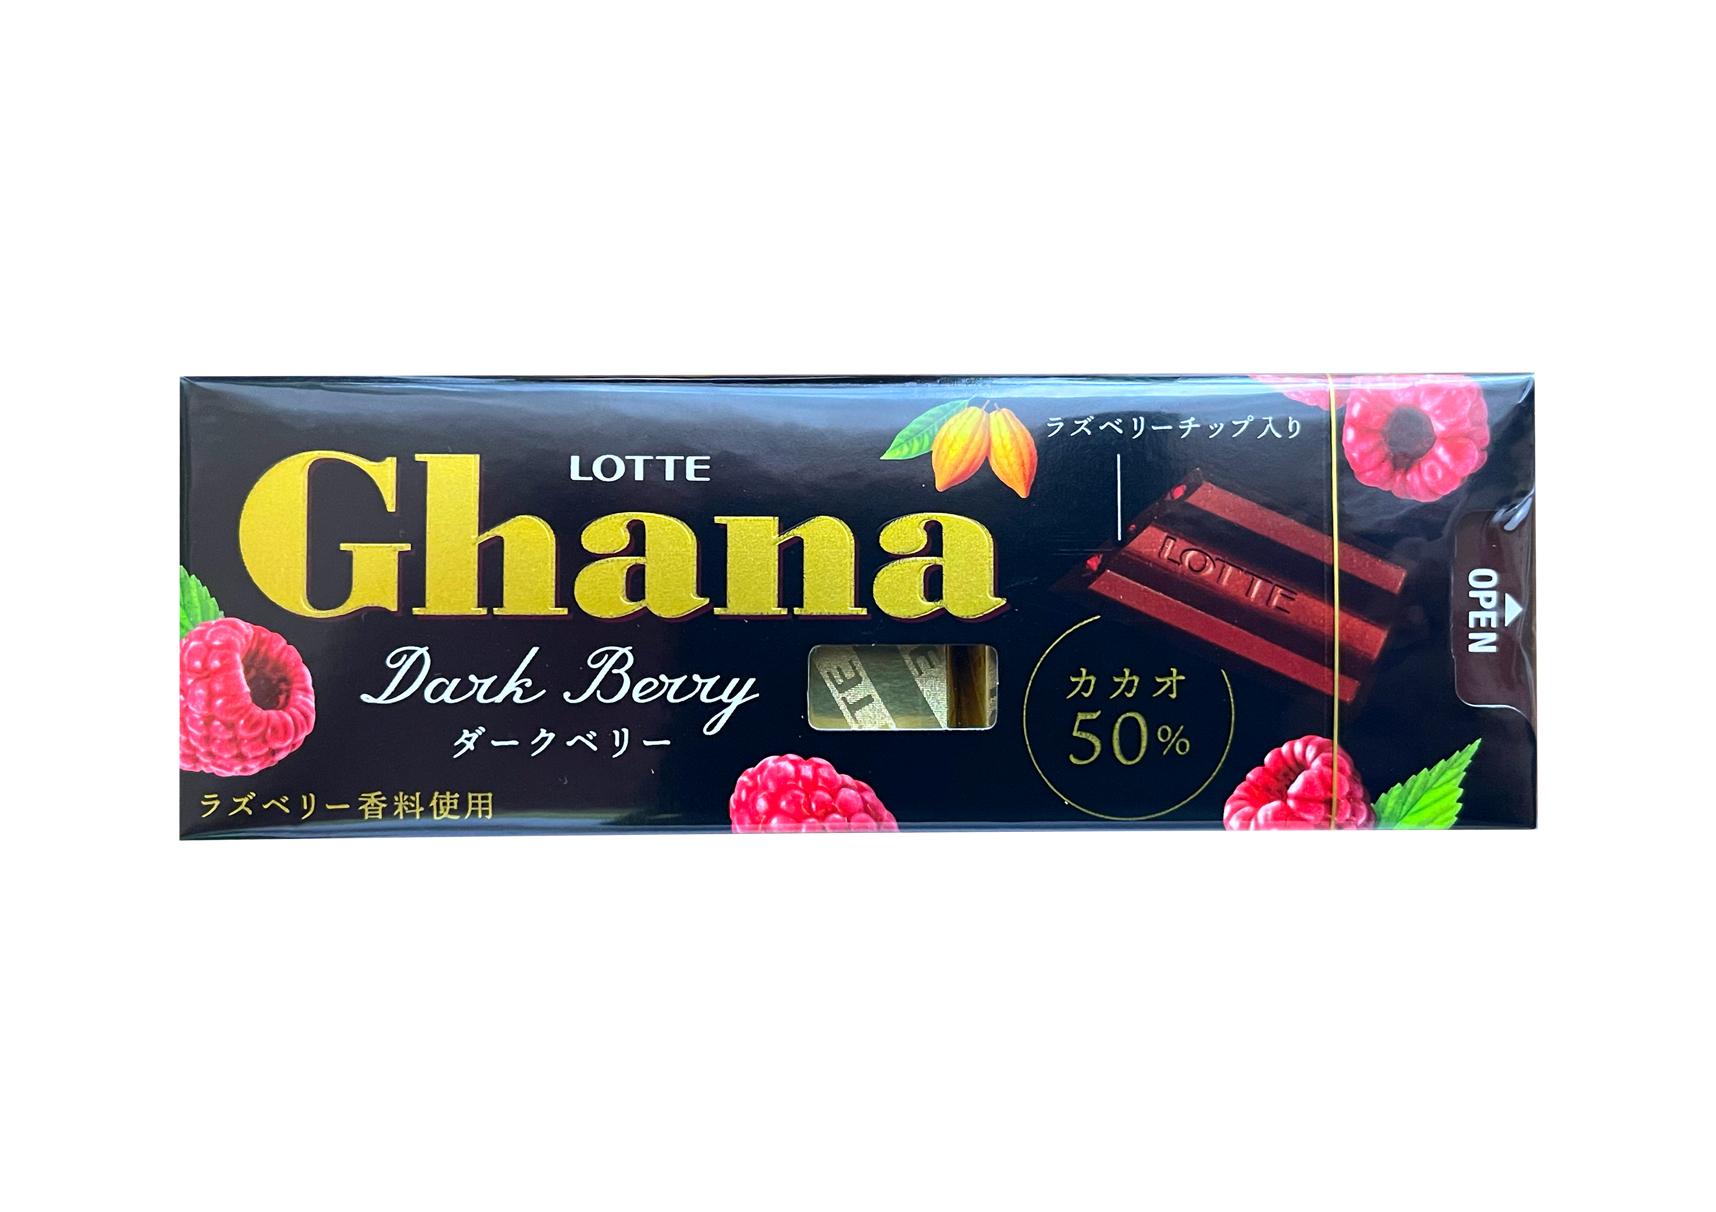 ロッテ『ガーナスリムパック<ダークベリー>』は華やかに香るカリサクラズベリーチップが美味しすぎる今期特大ヒットチョコレート!